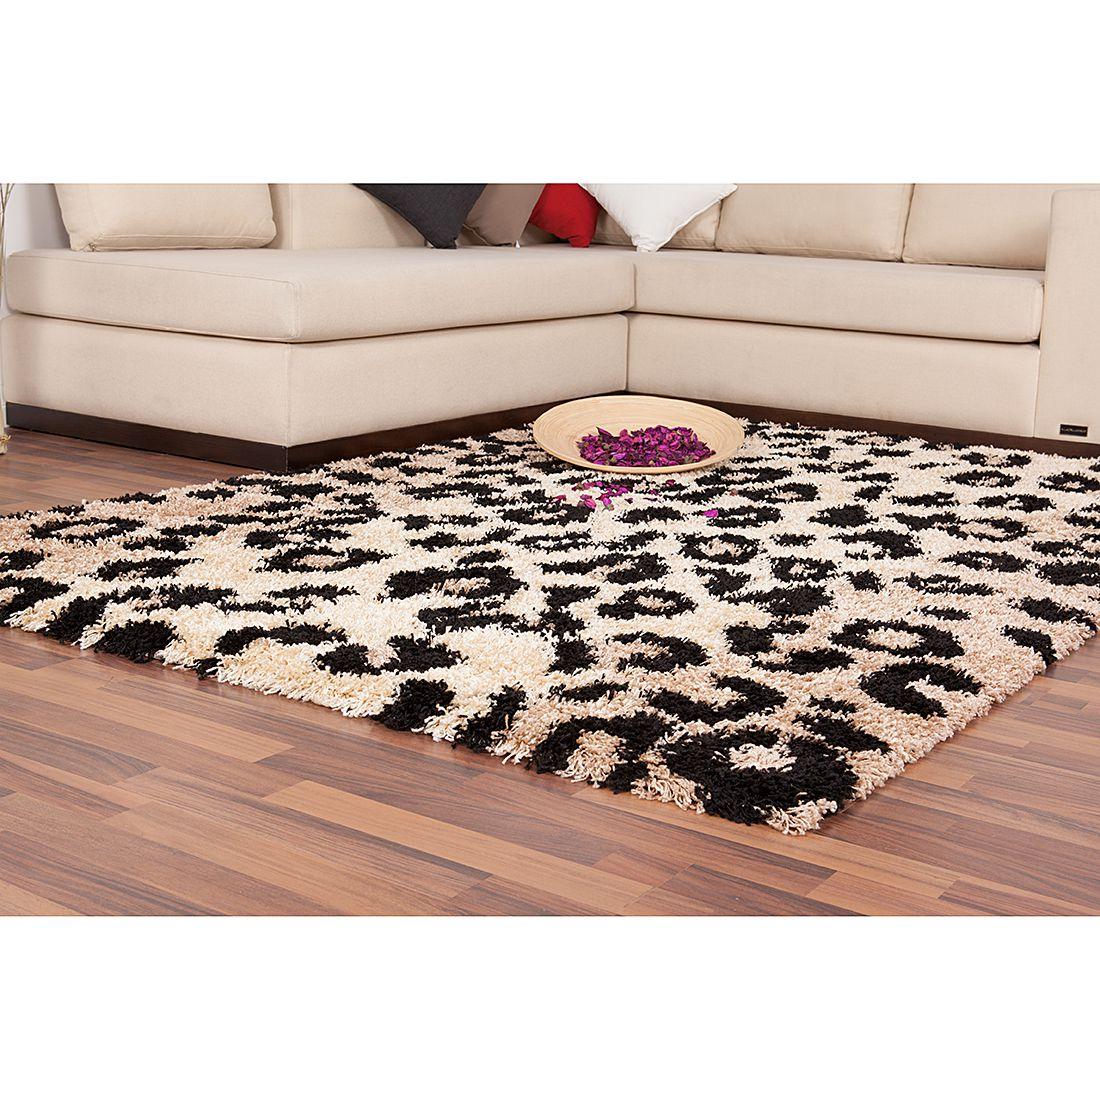 48 sparen teppich joy 114 von kayoom nur 79 99 cherry m bel. Black Bedroom Furniture Sets. Home Design Ideas